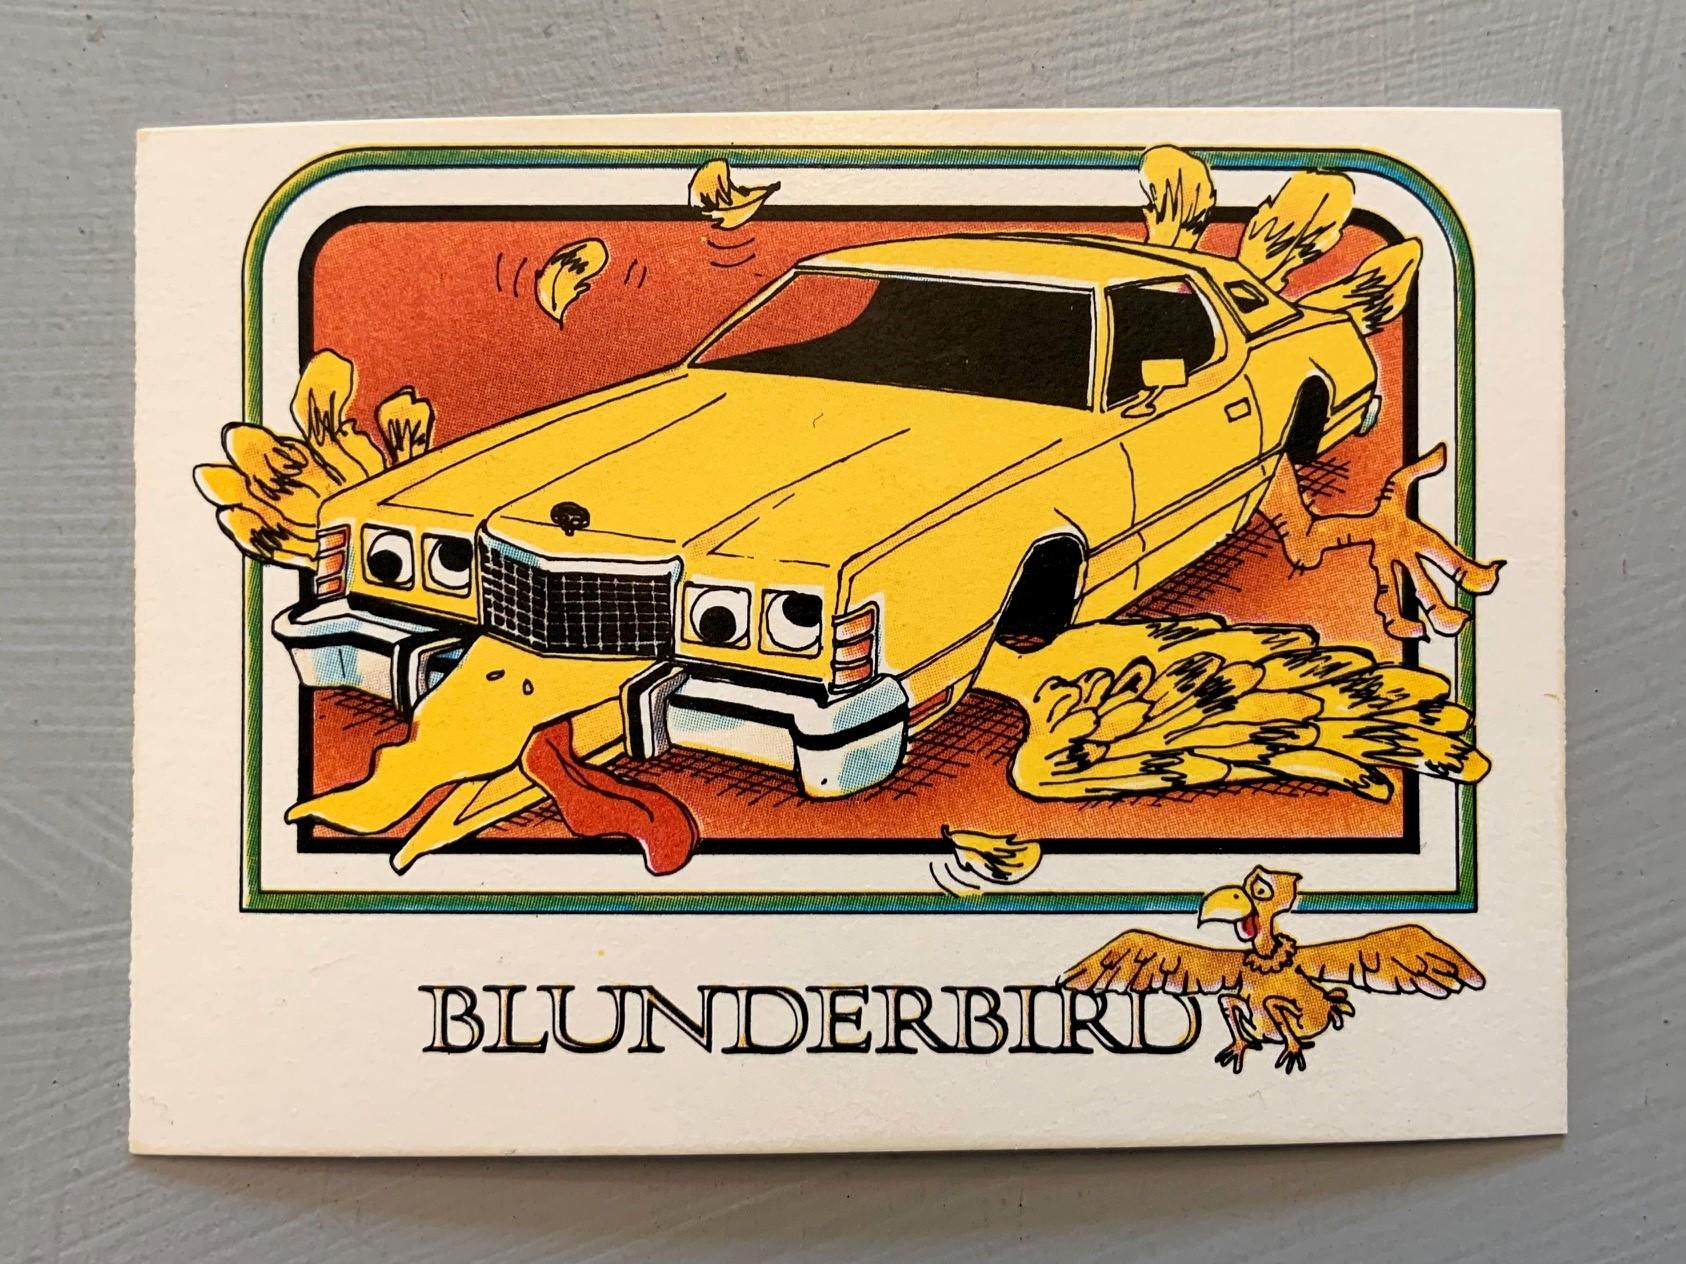 1976 Wonder Bread Krazy Cars - Blunderbird